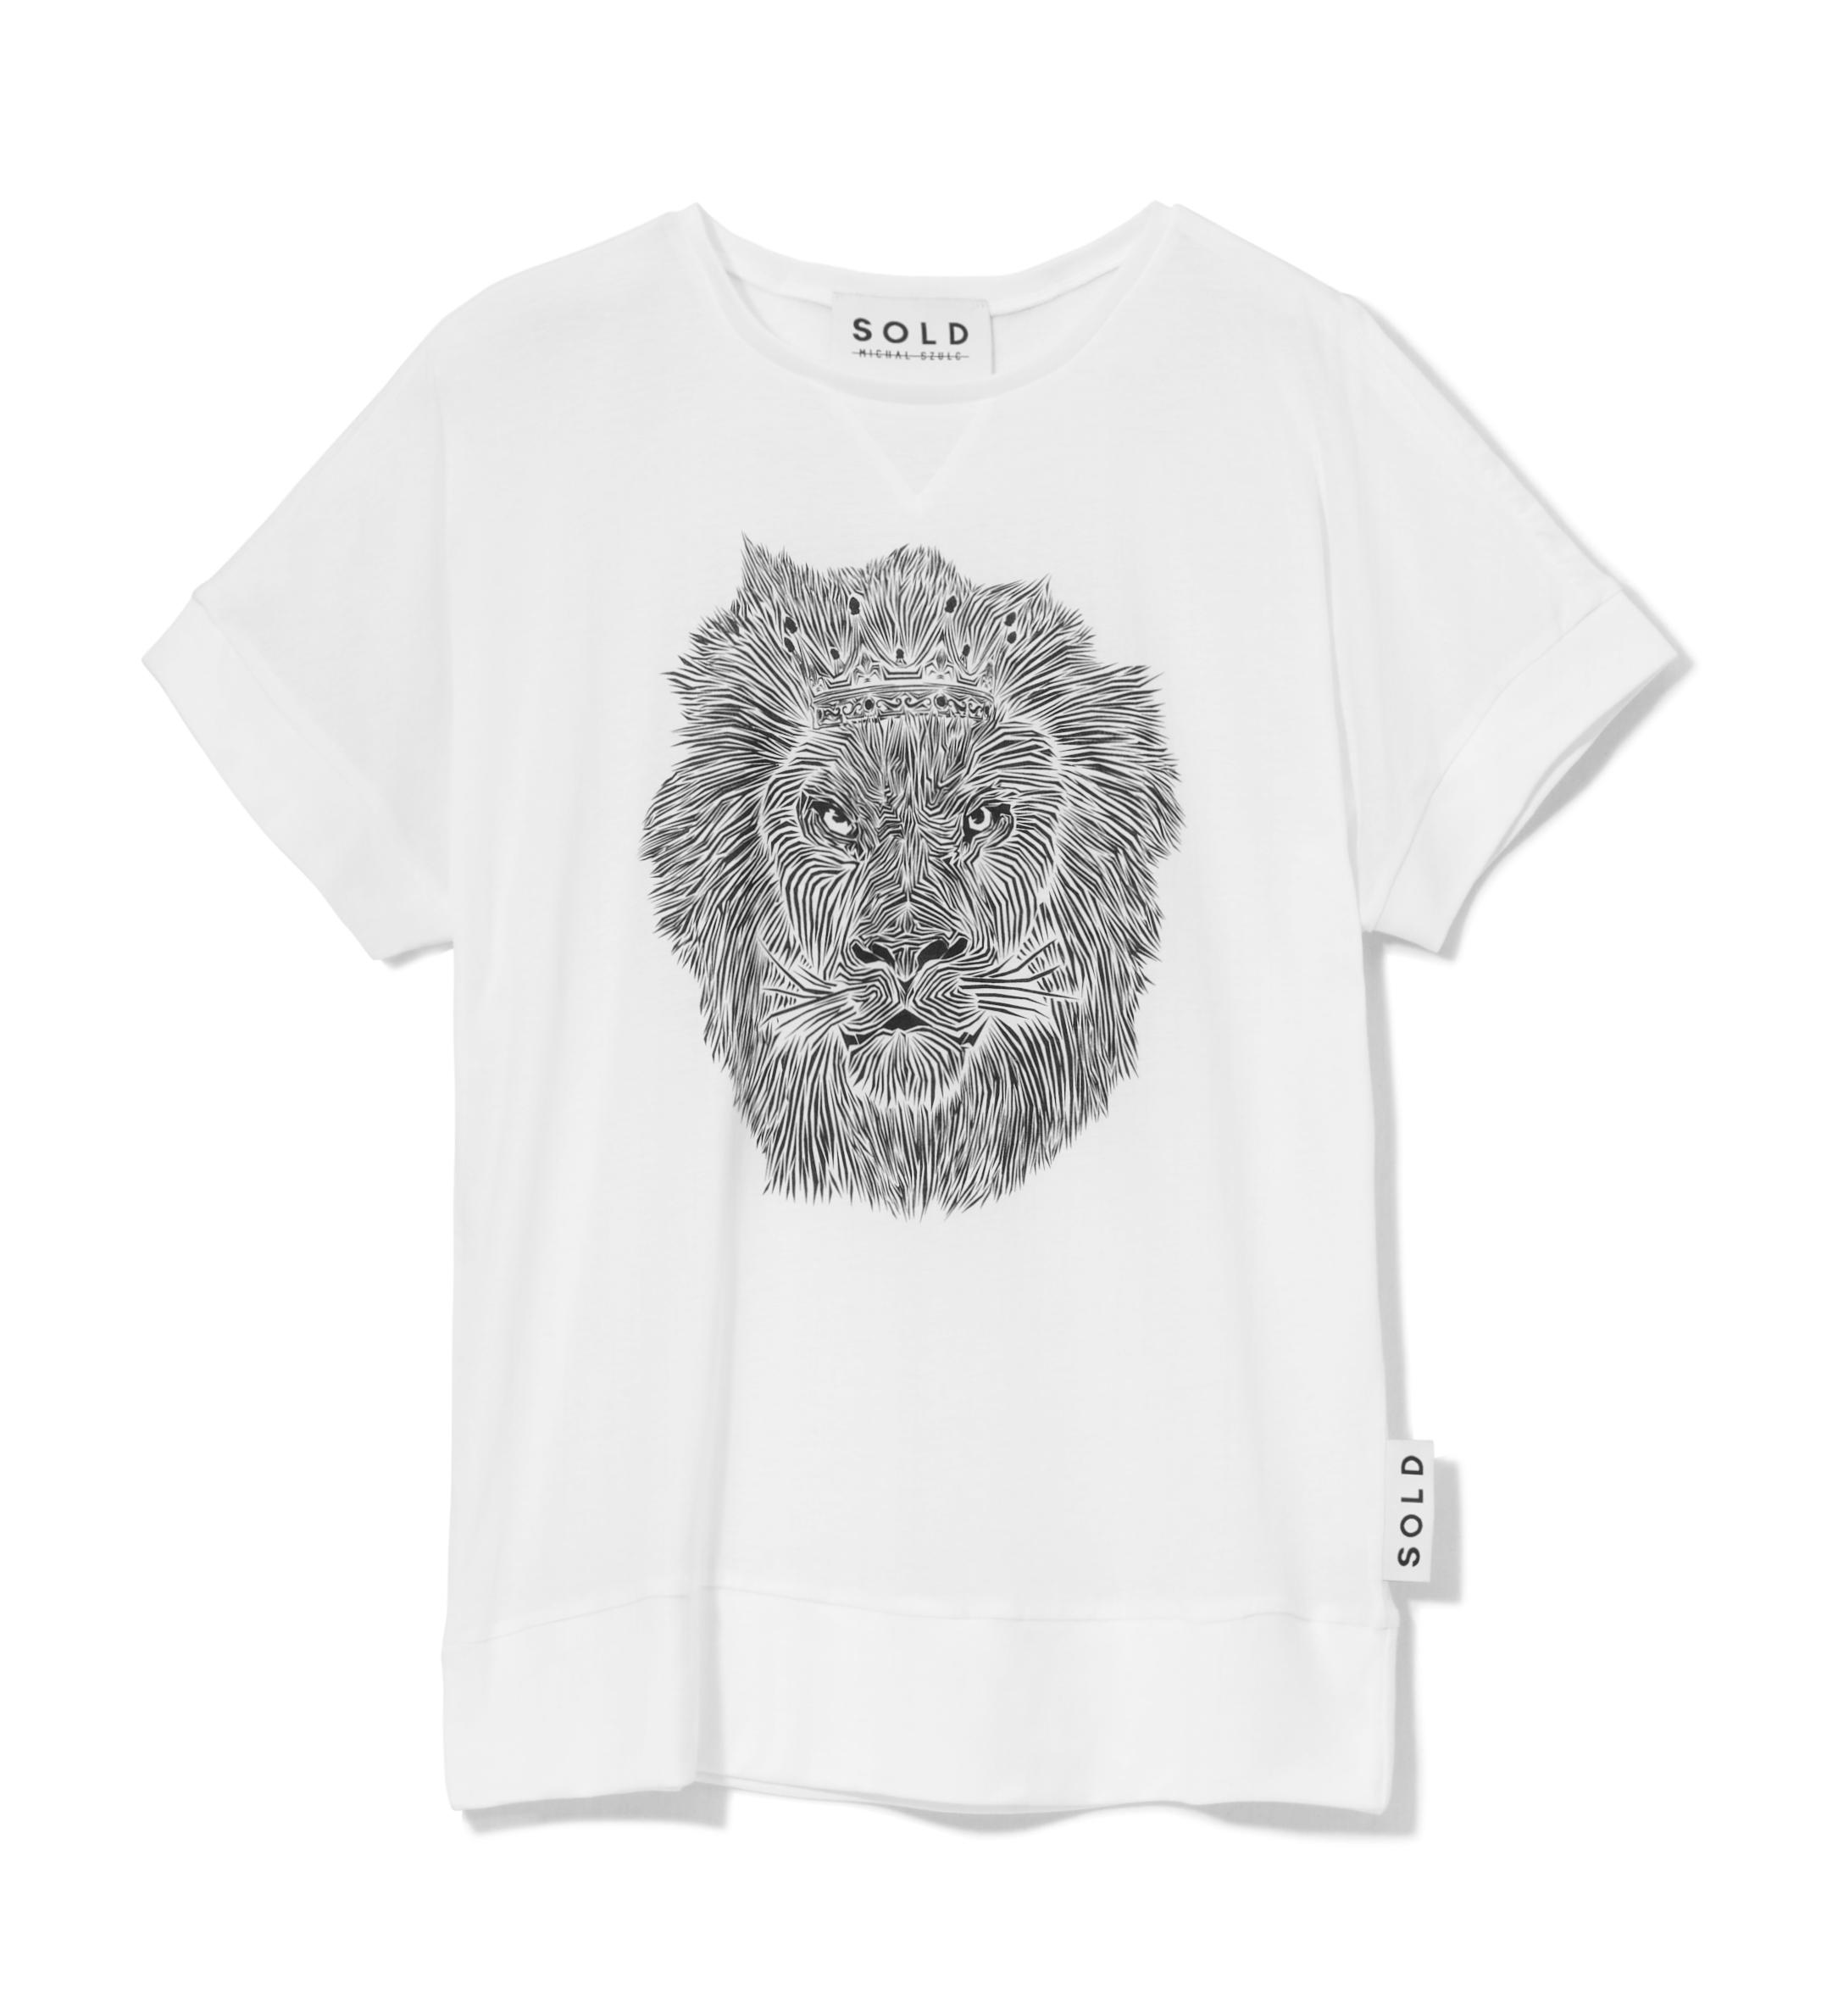 Nowoczesna grafika i najwyższa jakość ? limitowana edycja T-shirtów Sold Michała Szulca